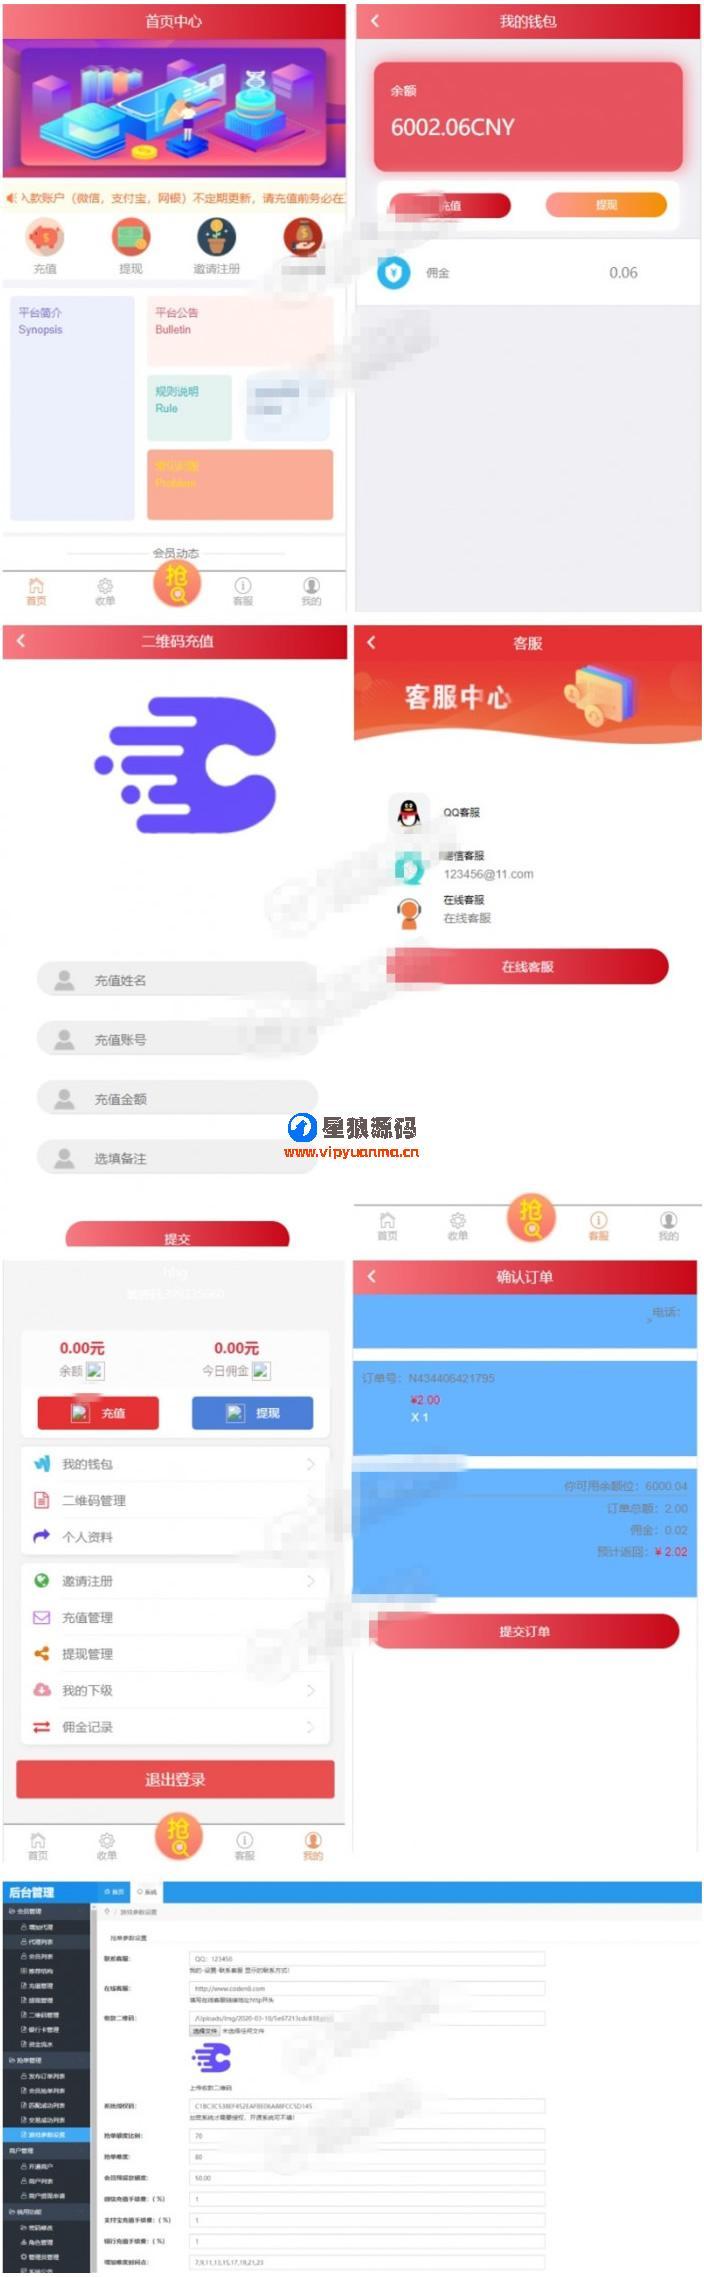 微信支付宝跑分平台最新版本源码 抢单系统源码 可封装打包成app 第1张